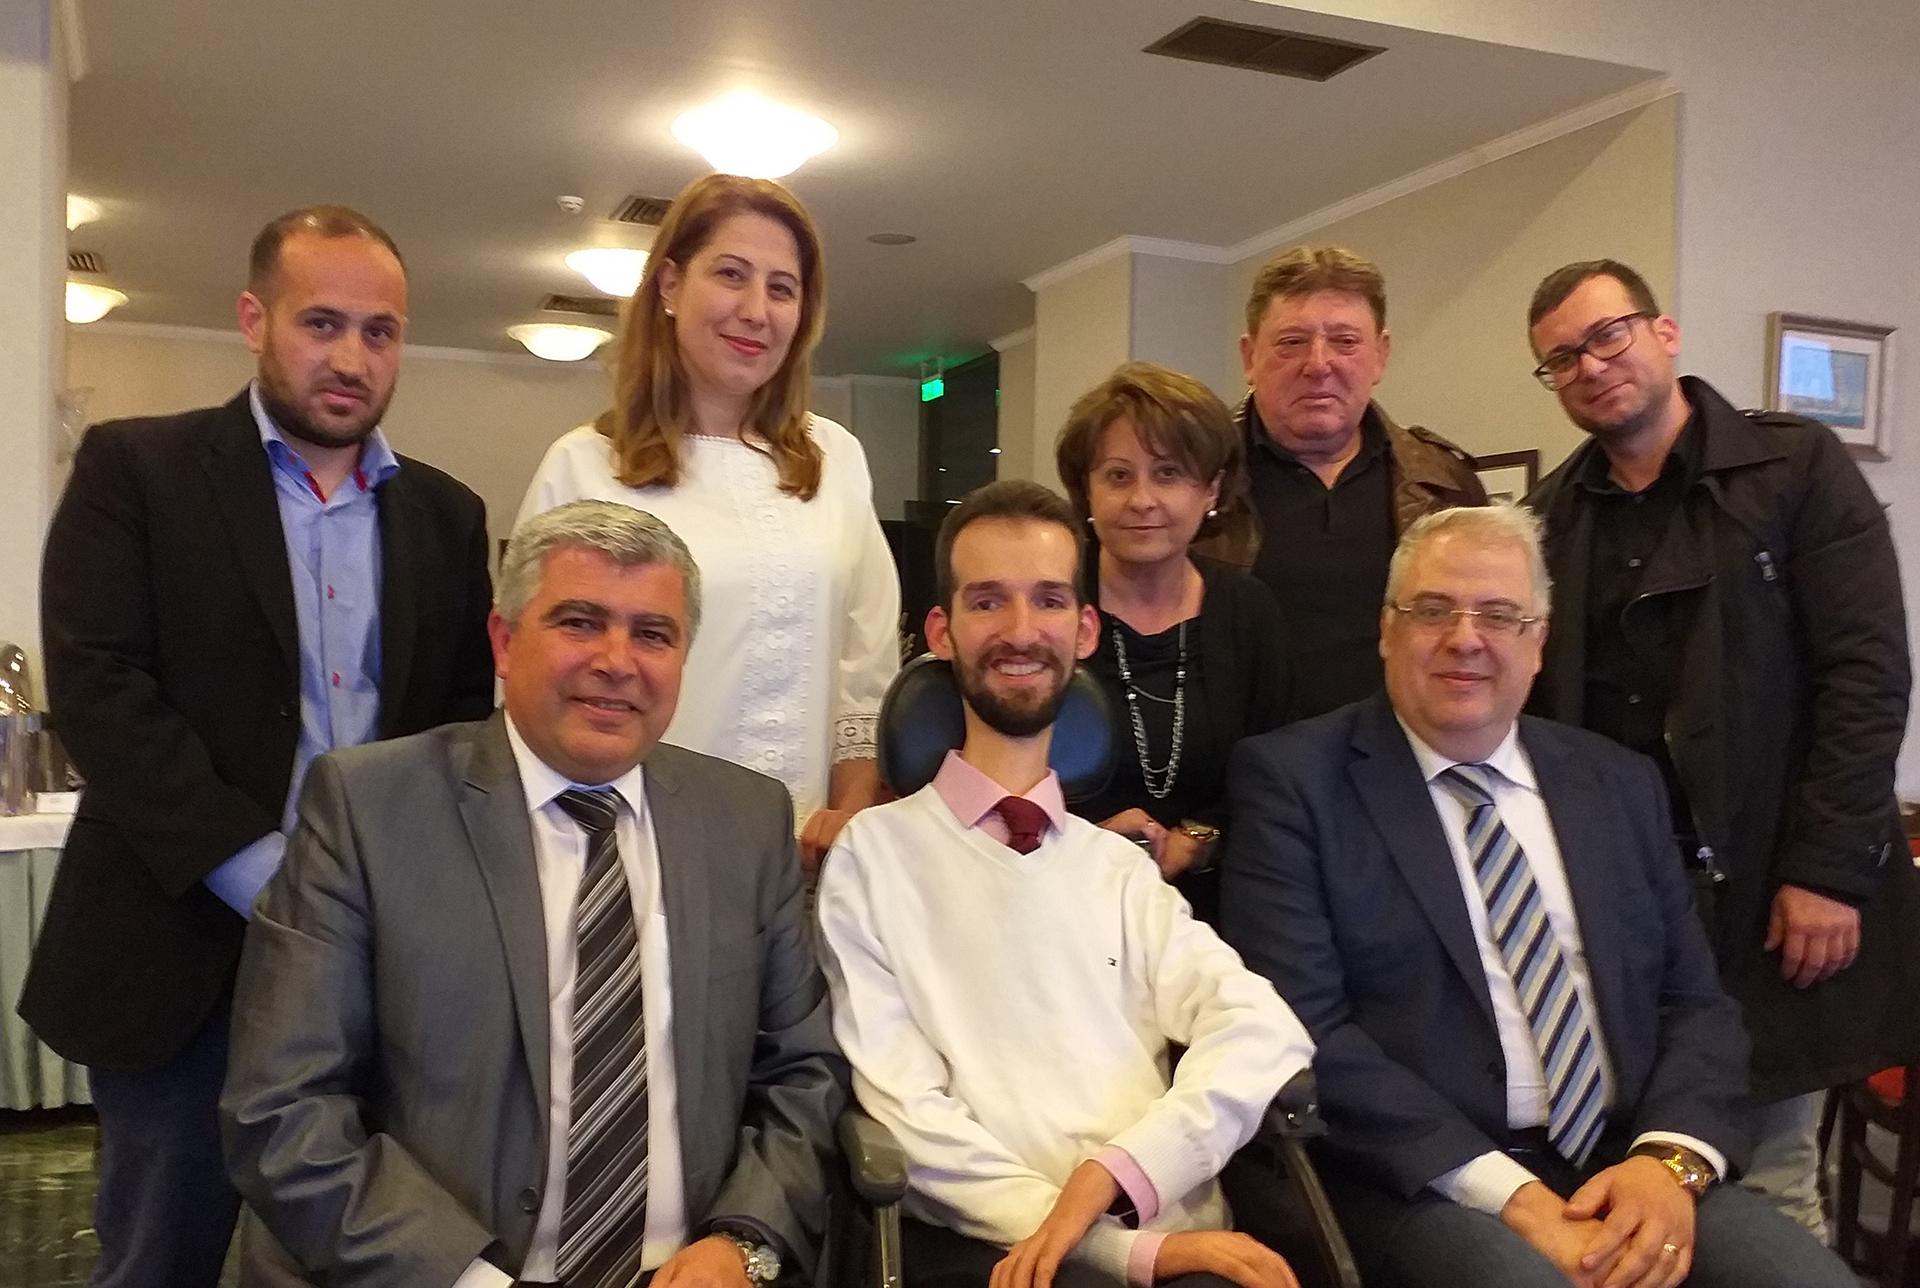 Συνάντηση συνεργασίας Υπ. Δημάρχου Νίκου Γεωργάκου με τον Ιατρό και Υποψήφιο Ευρωβουλευτή Ν.Δ. κ. Στέλιο Κυμπουρόπουλο παρουσία υποψήφιων του συνδυασμού «ΔΗΜΟΣ ΤΗΣ ΚΑΡΔΙΑΣ ΜΑΣ!» για ένα σύγχρονο προσβάσιμο Δήμο